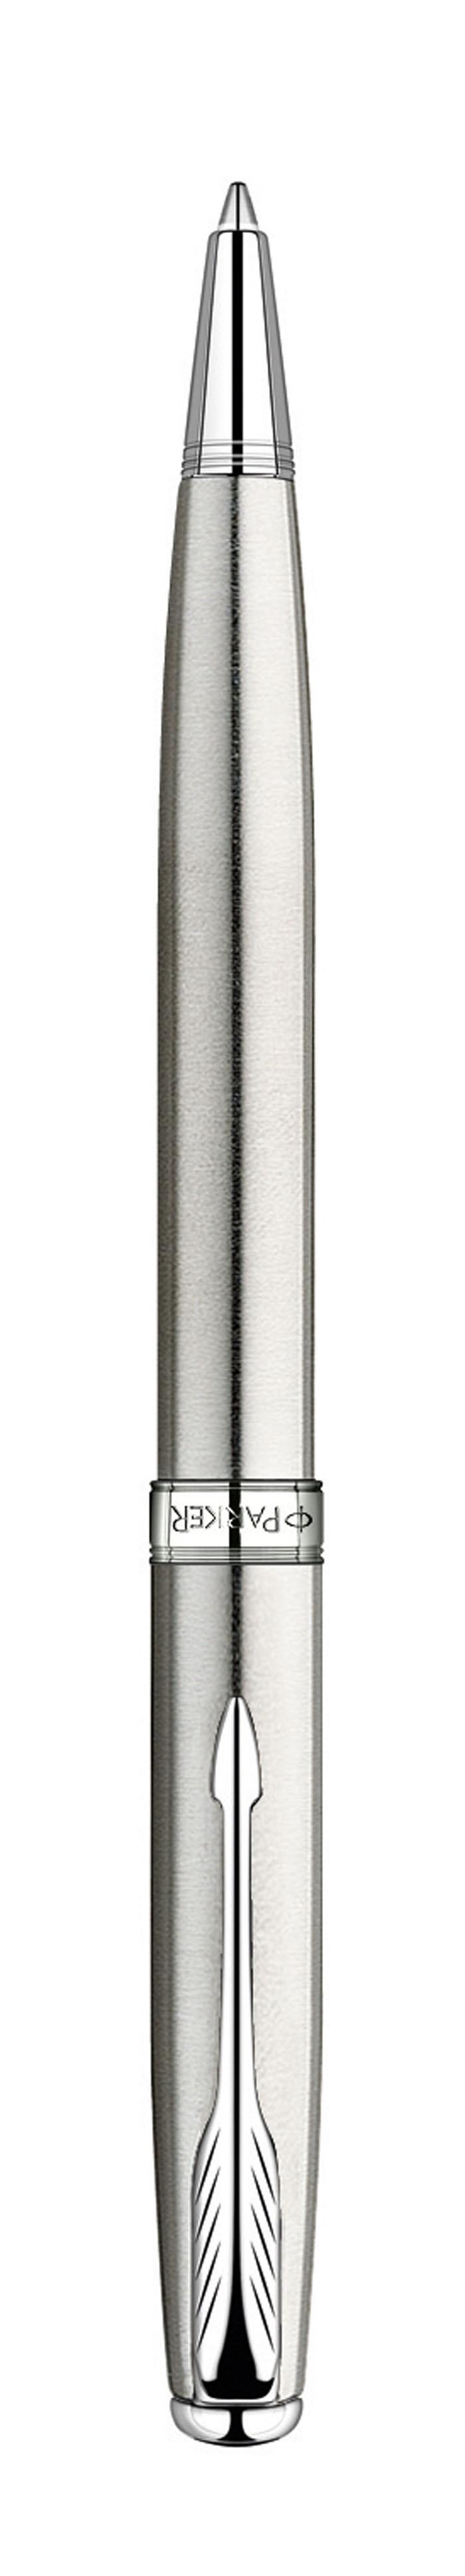 Ручка шариковая Паркер Соннет Стэйнлесс Стил Си Ти. Инструмент для письма, линия письма - средняя, чернила черного цвета, в подарочной упаковке. Произведено во Франции.